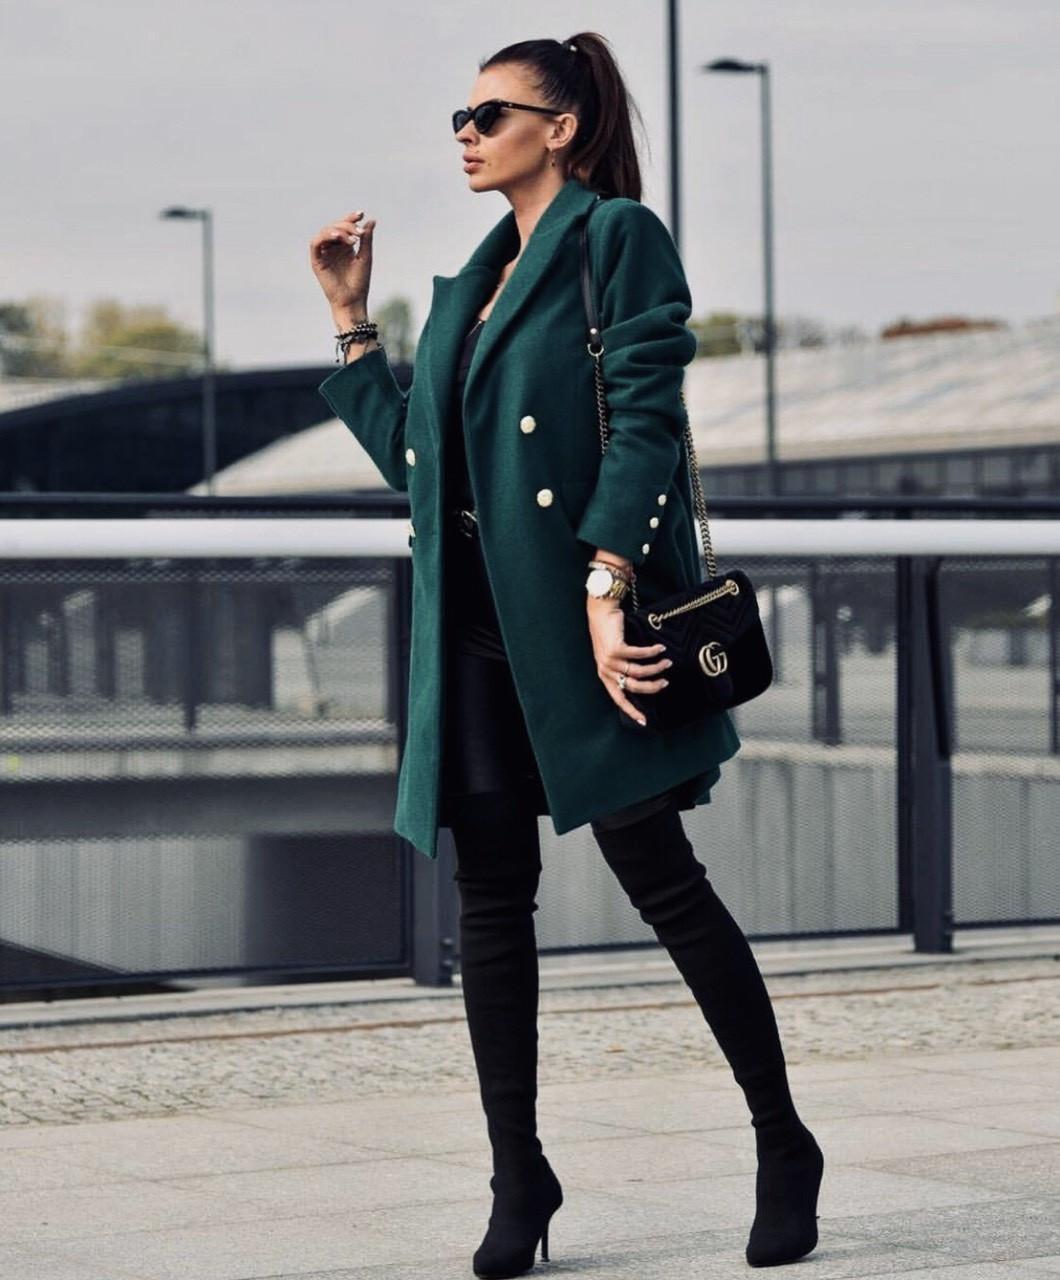 Γυναικείο παλτό 5091 πράσινο Γυναικείο παλτό 5091 πράσινο 8950ca5931a